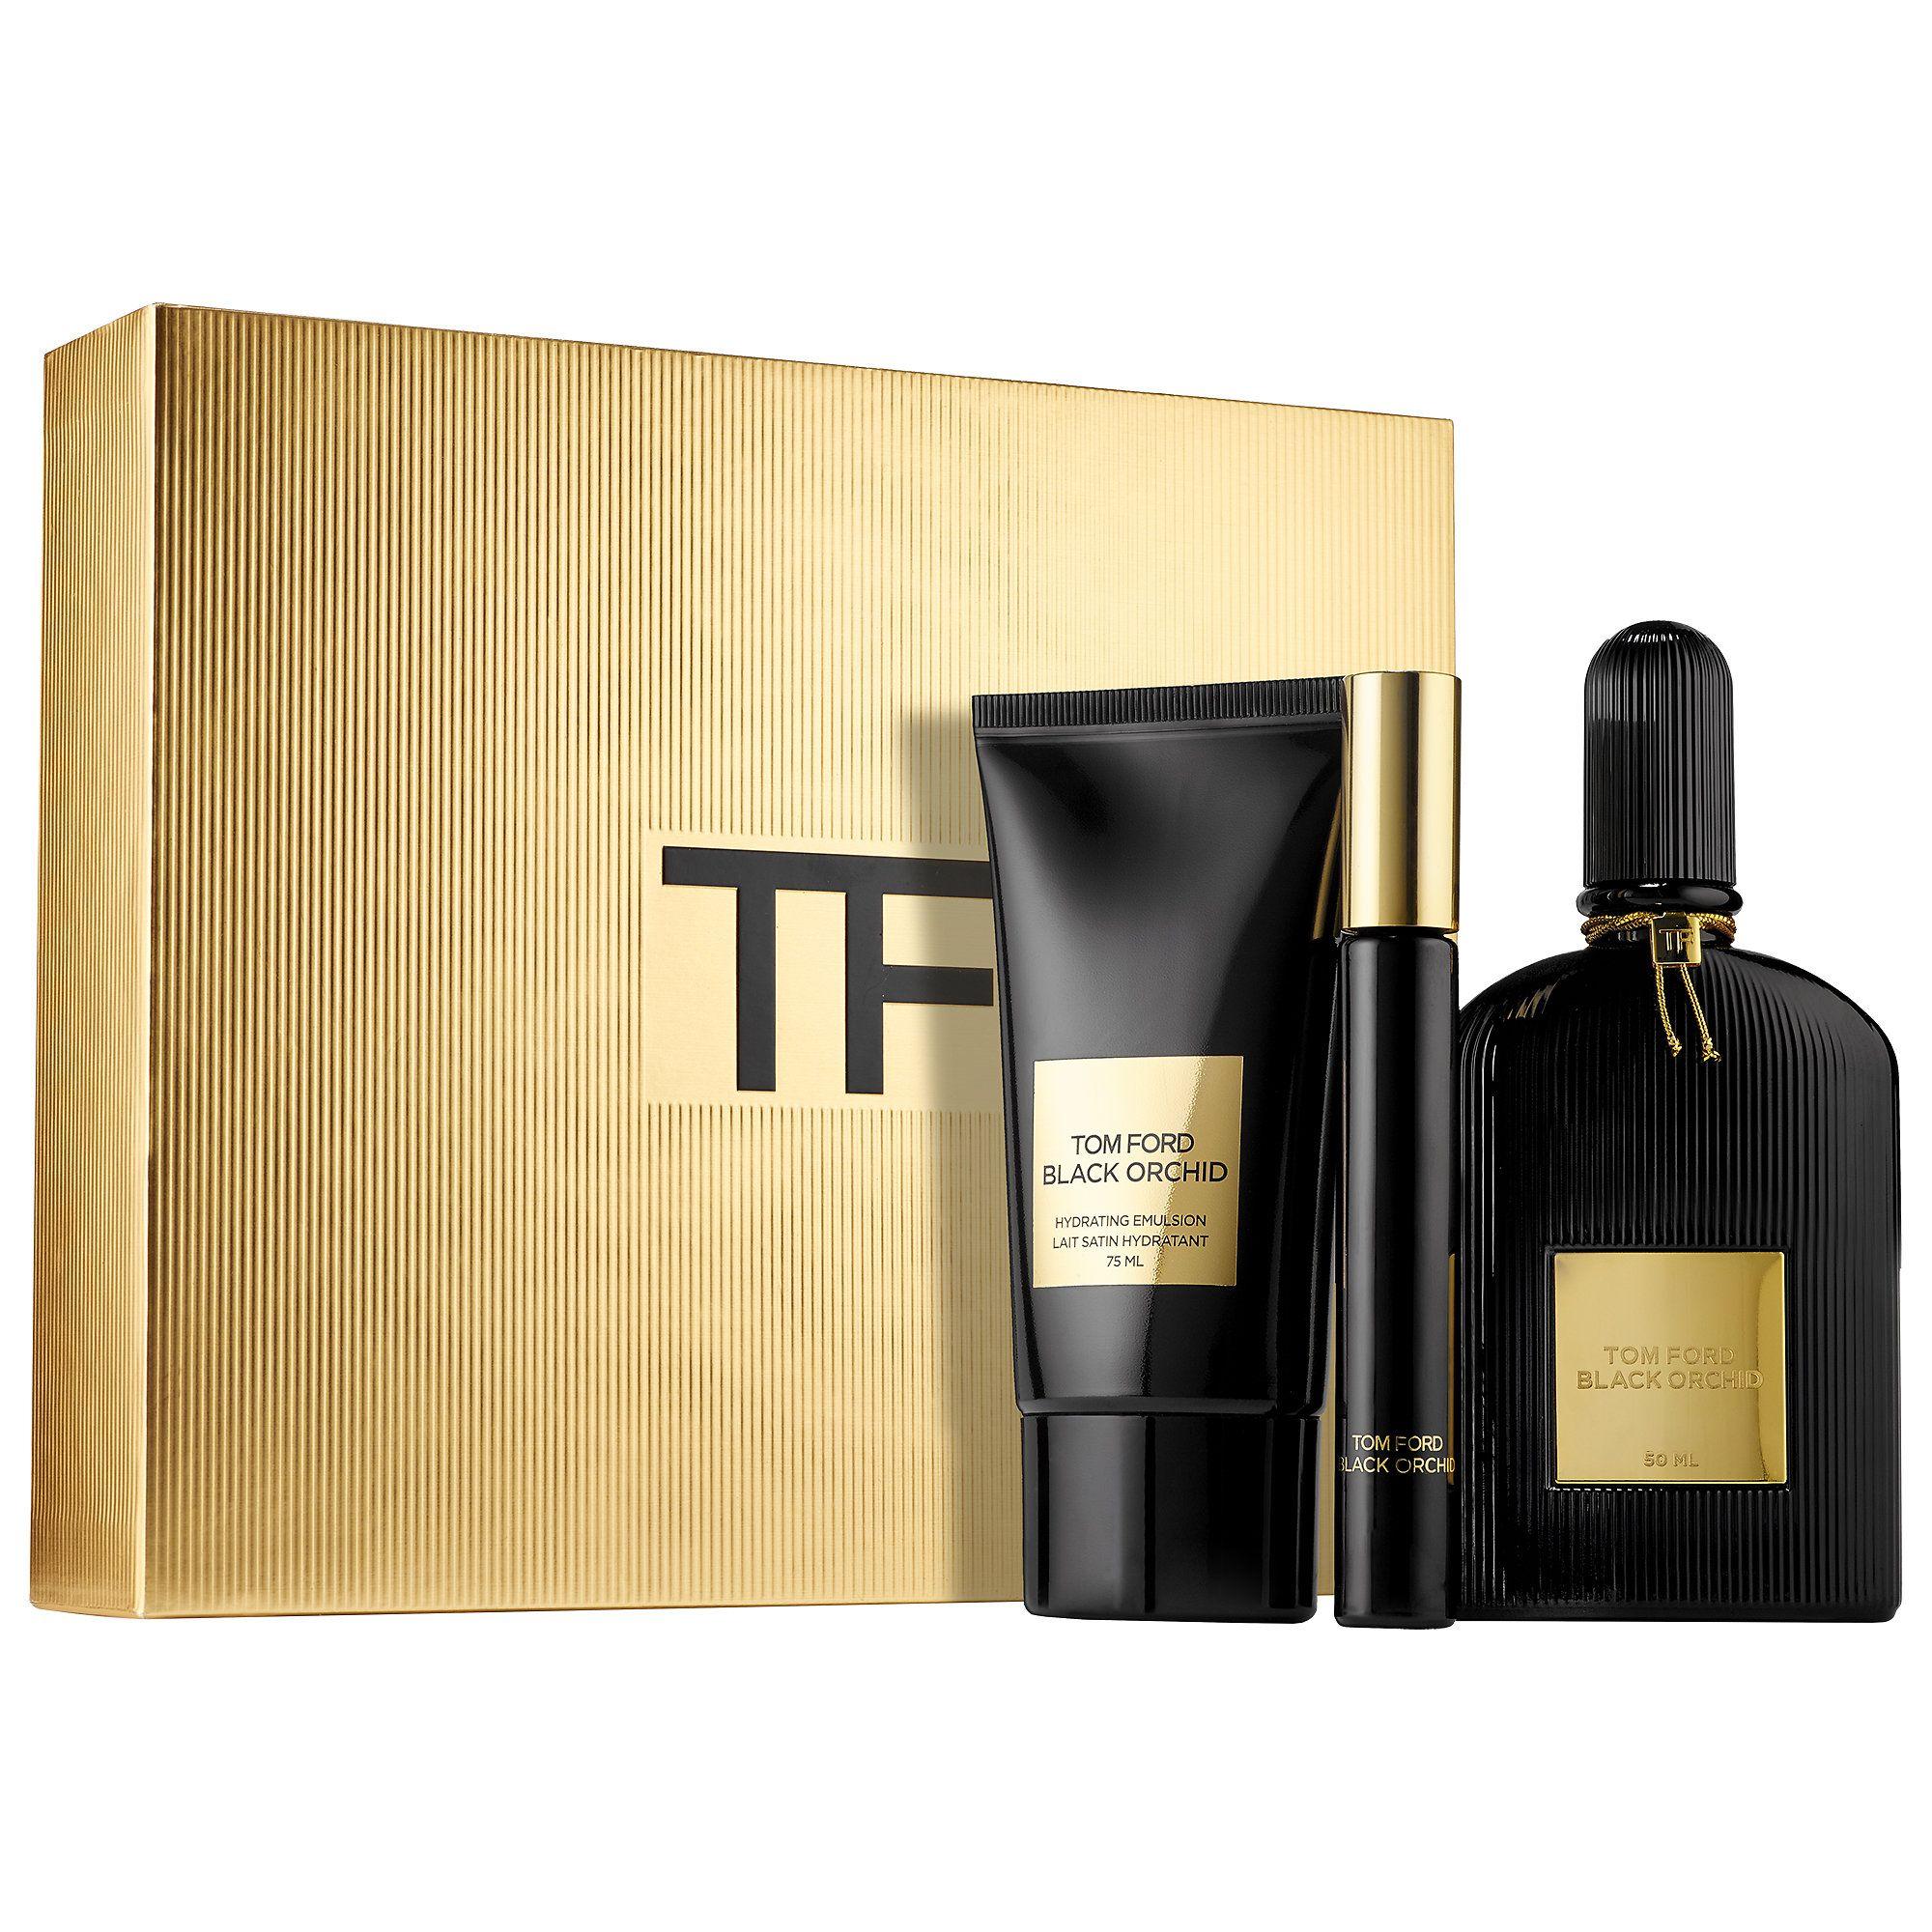 d42f12e921211 Shop BLACK ORCHID Gift Set by TOM FORD at Sephora. This set contains Eau de  Parfum